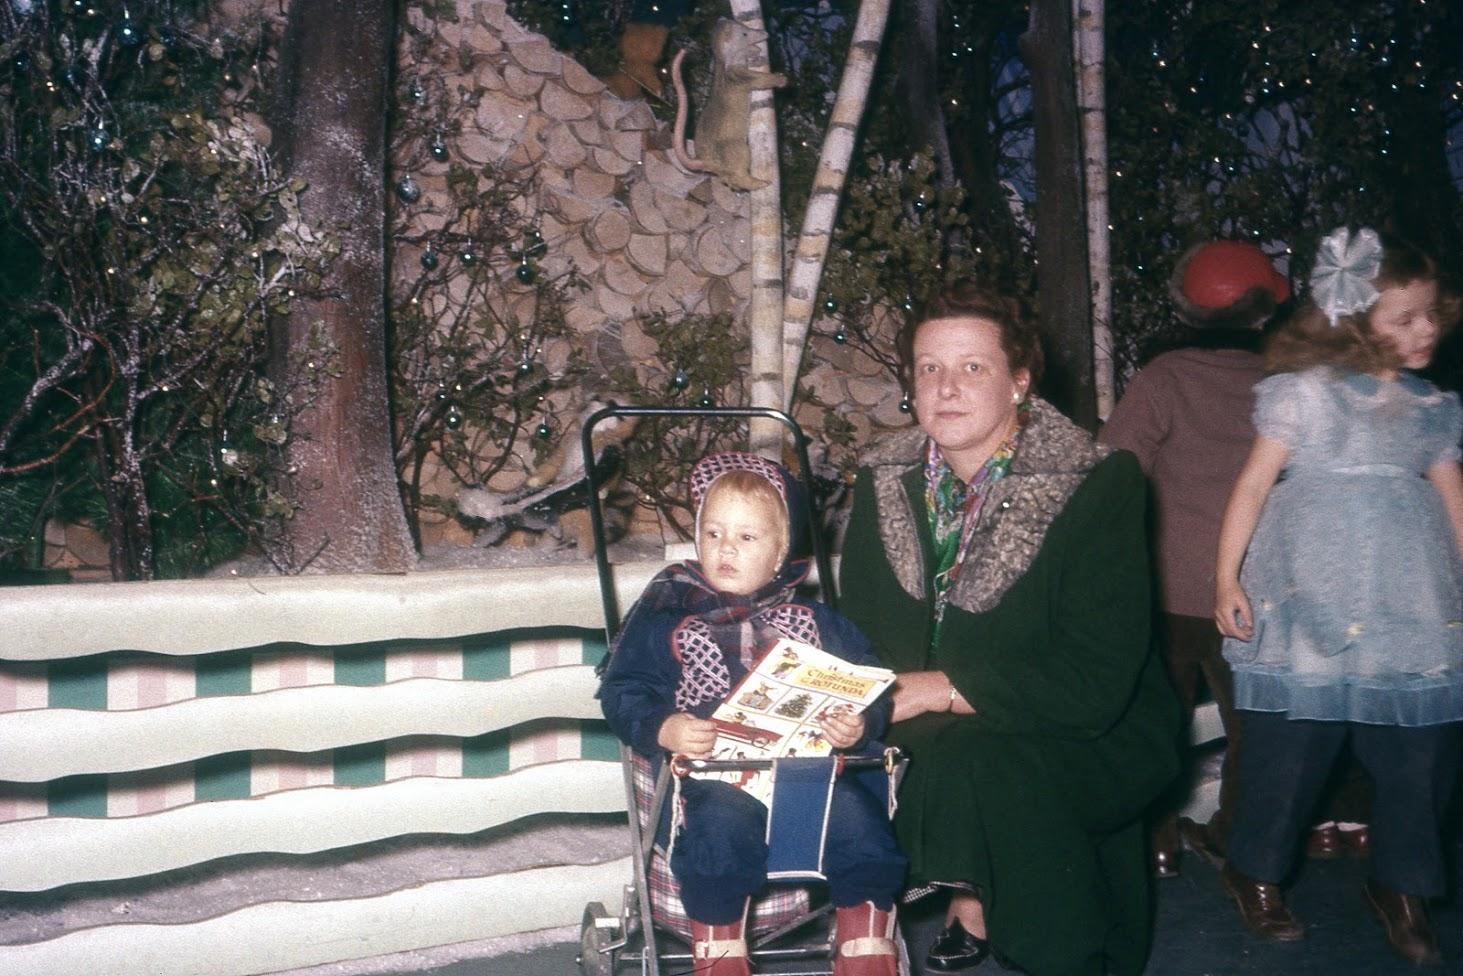 Linda with Madalyn Klotz at the Rotunda